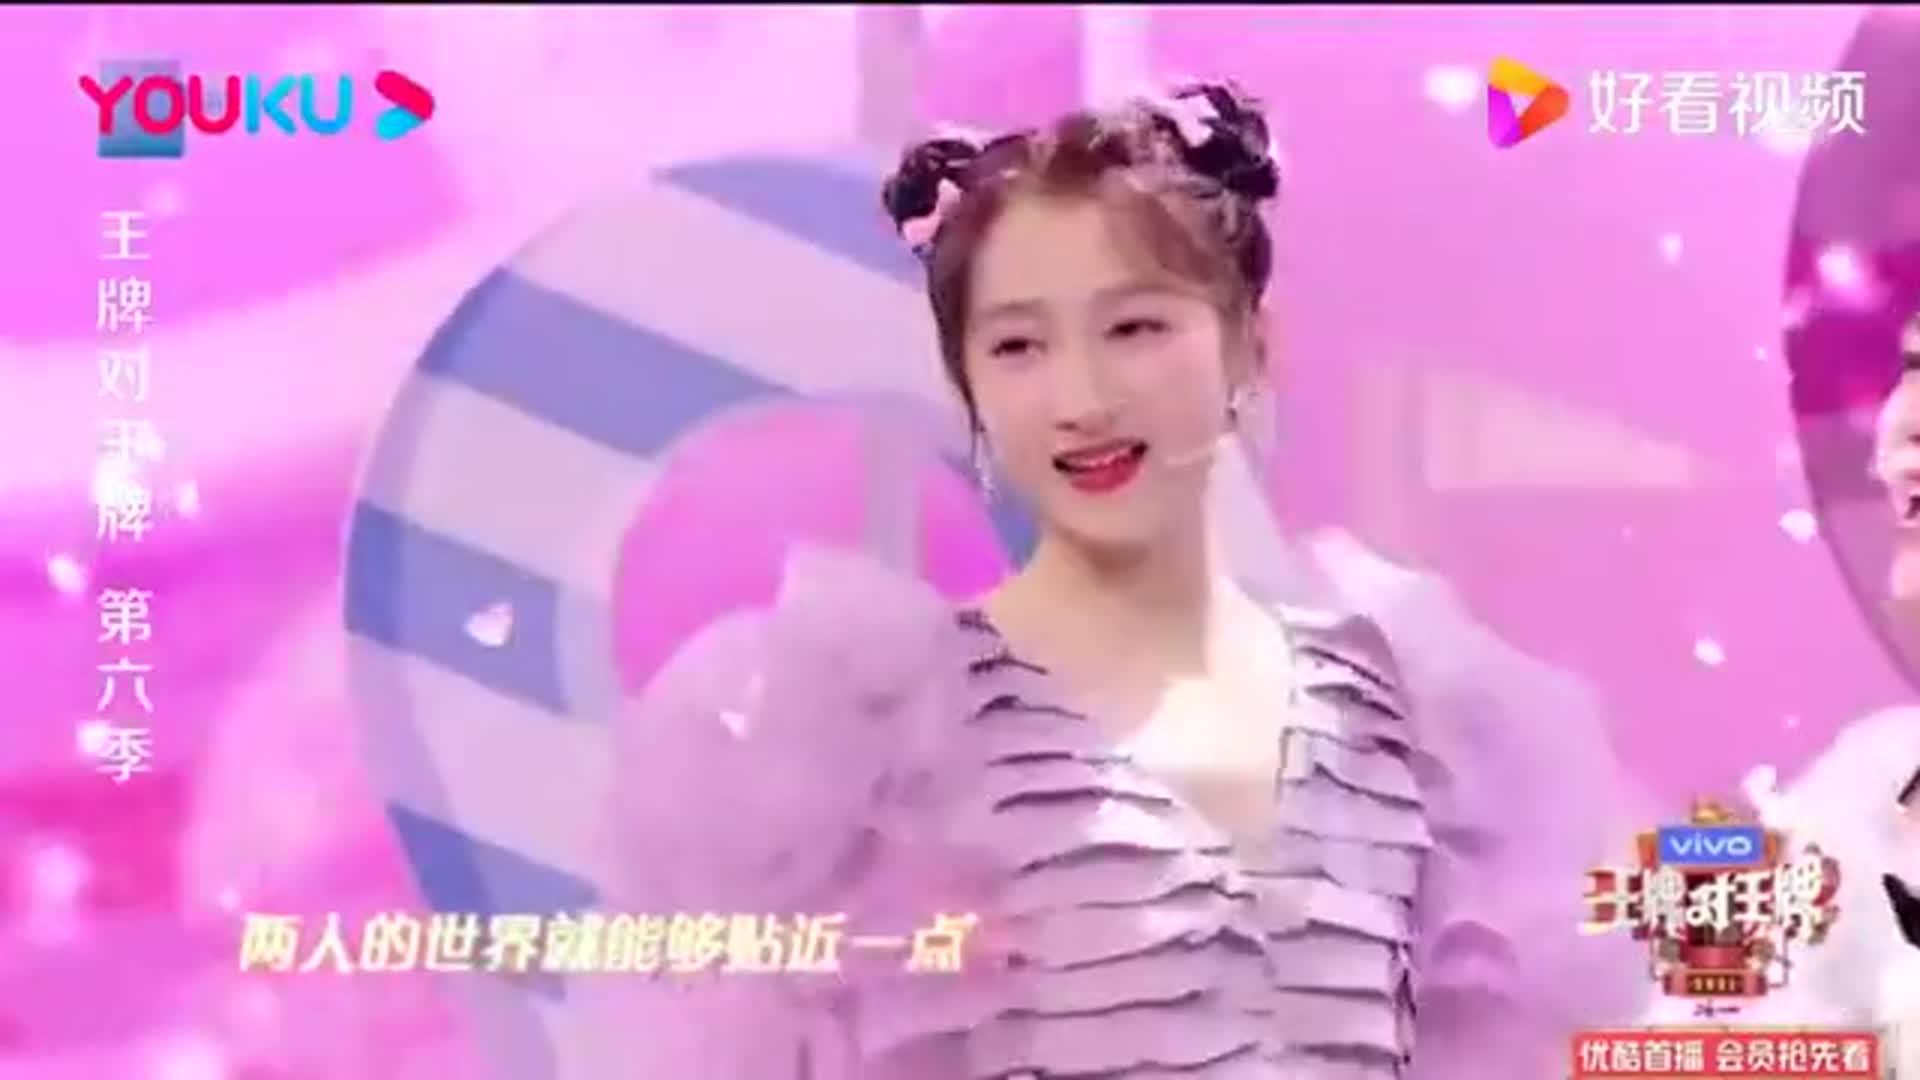 王牌:关晓彤马丽和宋亚轩,演绎的舞蹈,跳的太好看了